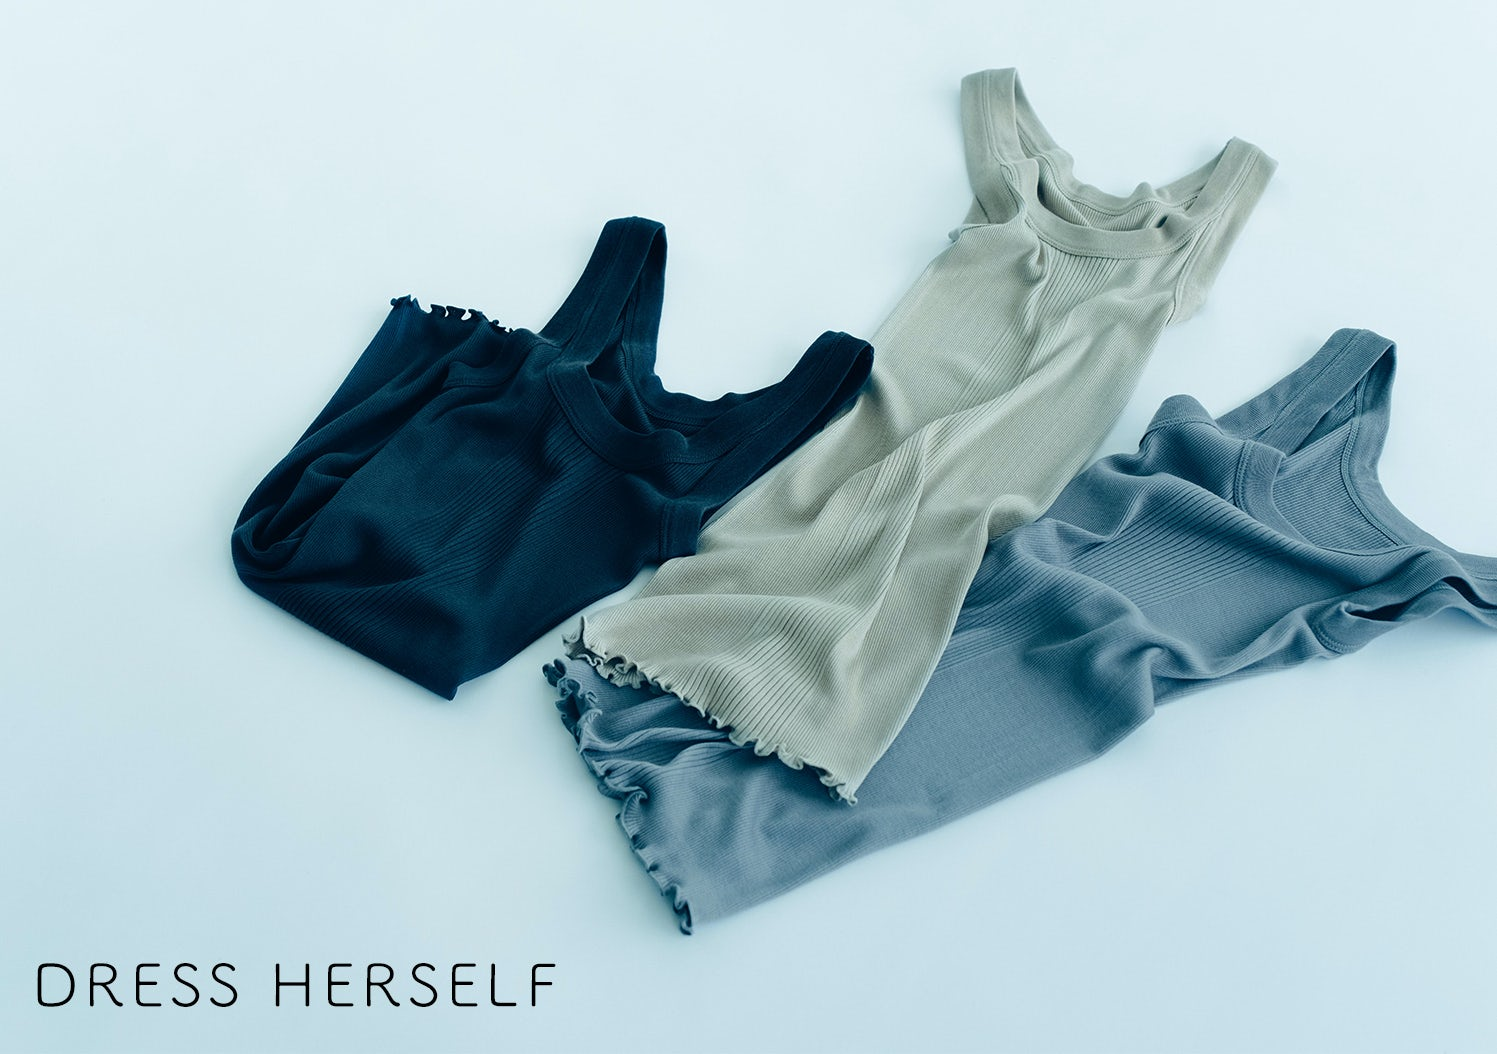 DRESS HERSELF / シルクリブインナーの画像